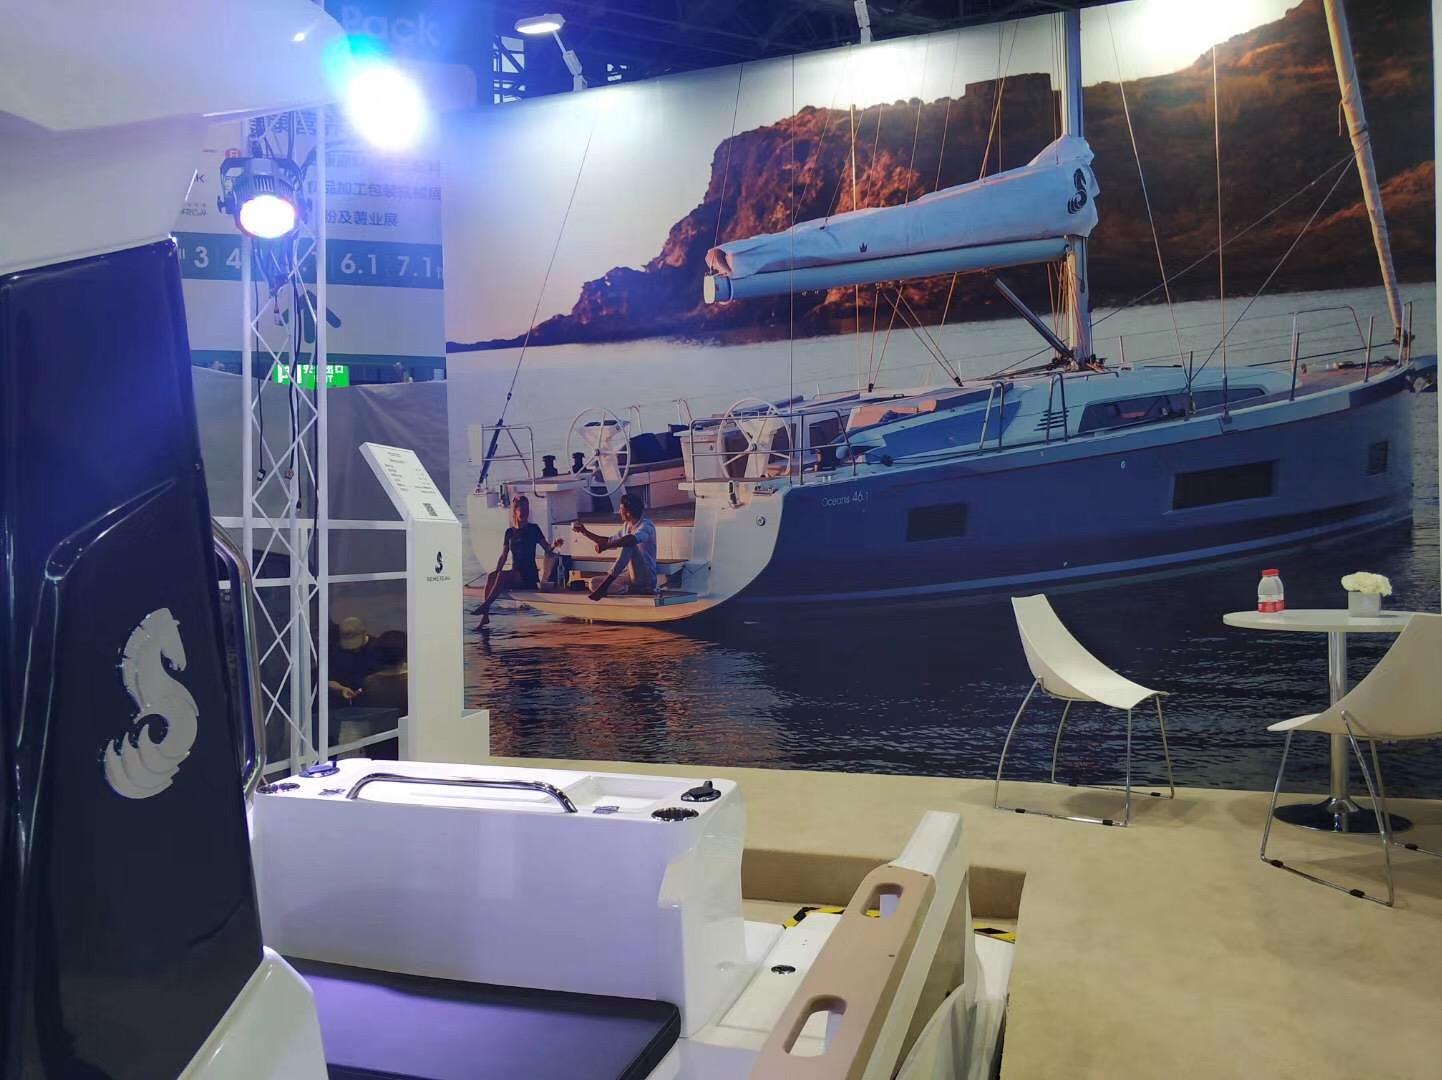 游艇,国际,上海,2019,中国 2019第二十四届上海船展开幕 博纳多携多艘全新船型亮相  184953q2c5qcst